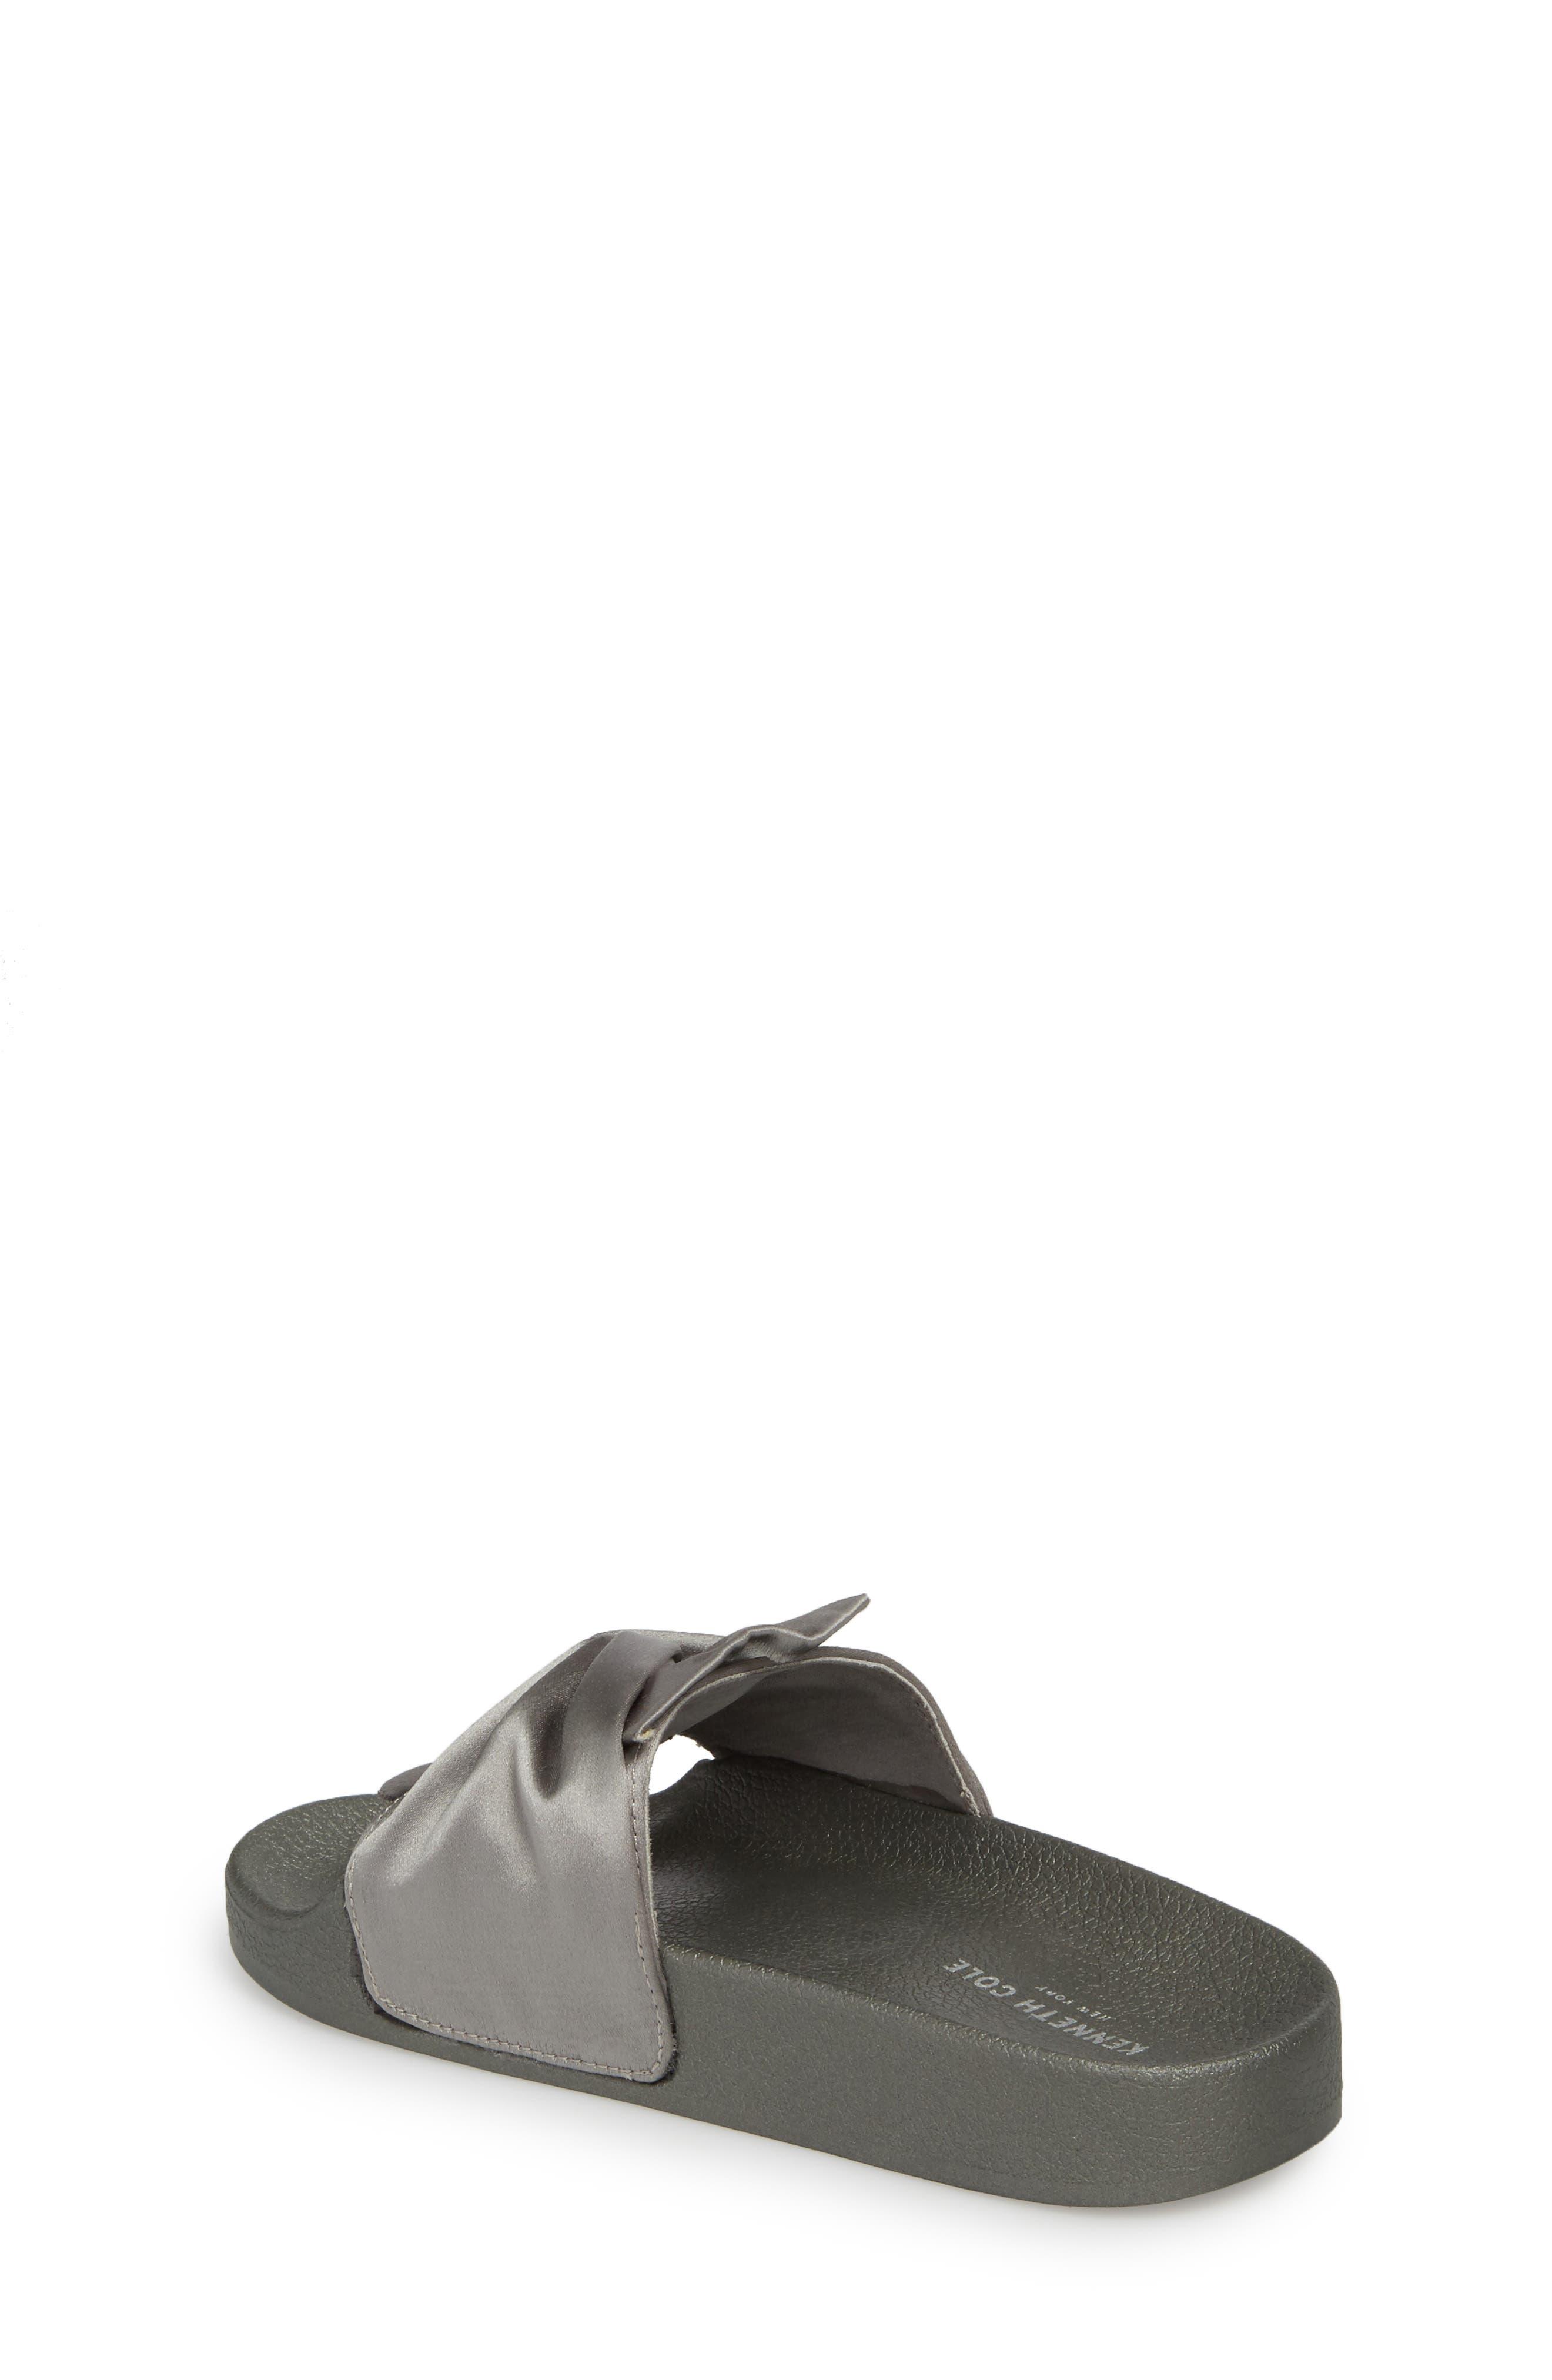 Shower Twist Slide Sandal,                             Alternate thumbnail 2, color,                             Gray